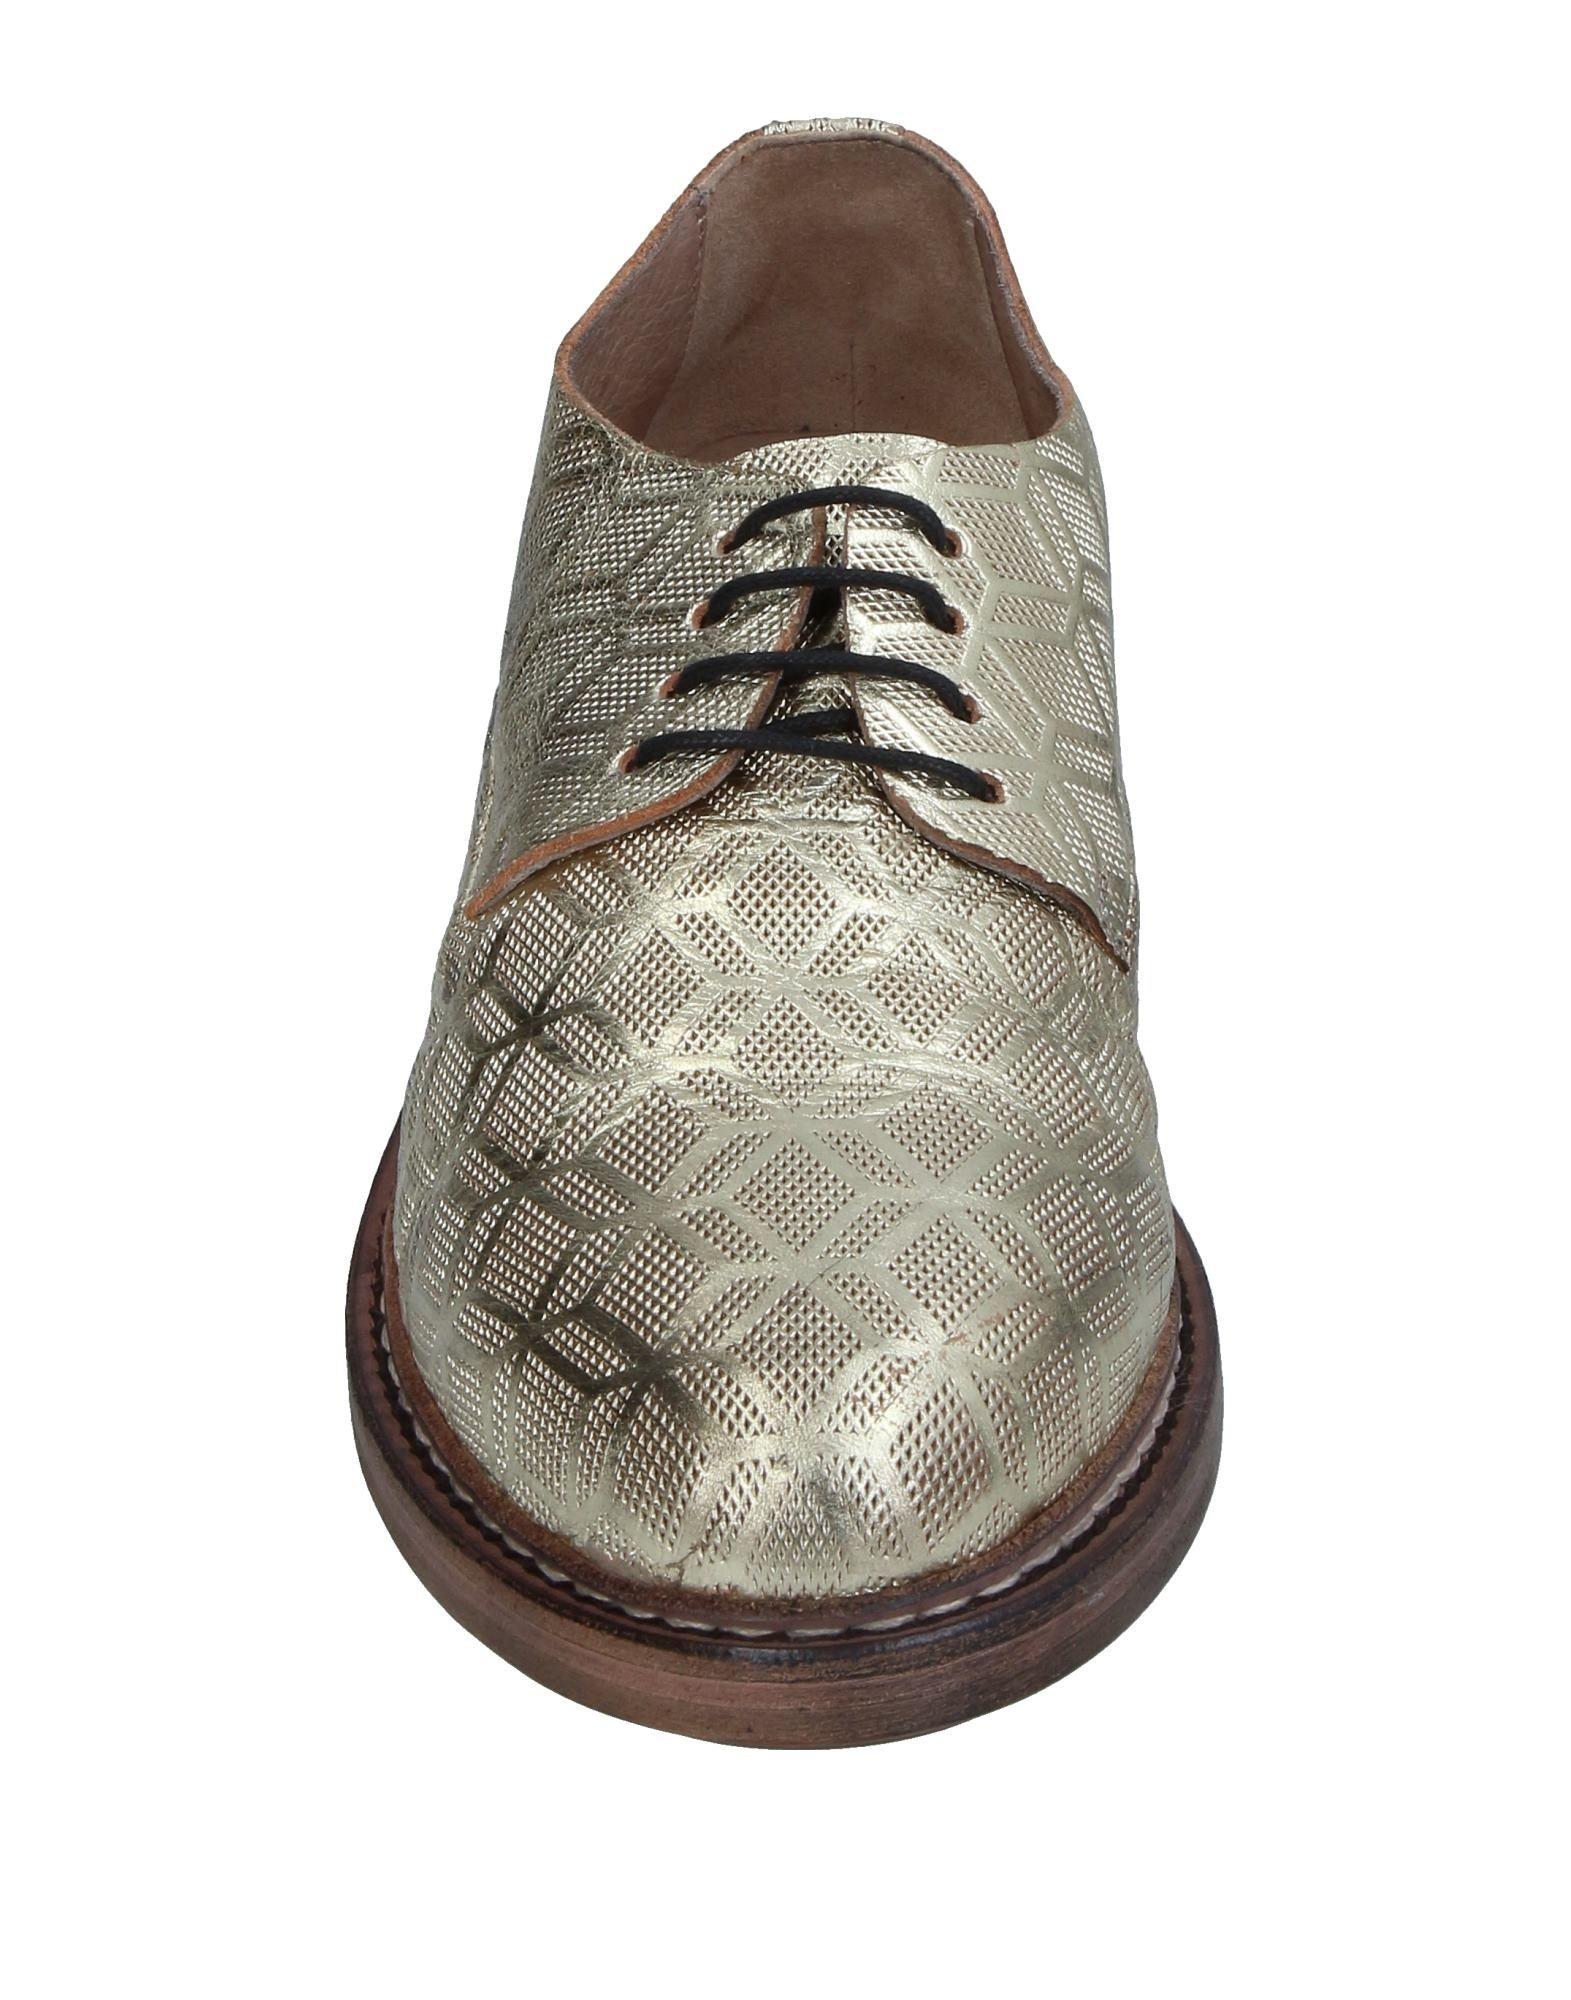 CHAUSSURES - MocassinsIntrigo Shoes HZEjlXwuF9